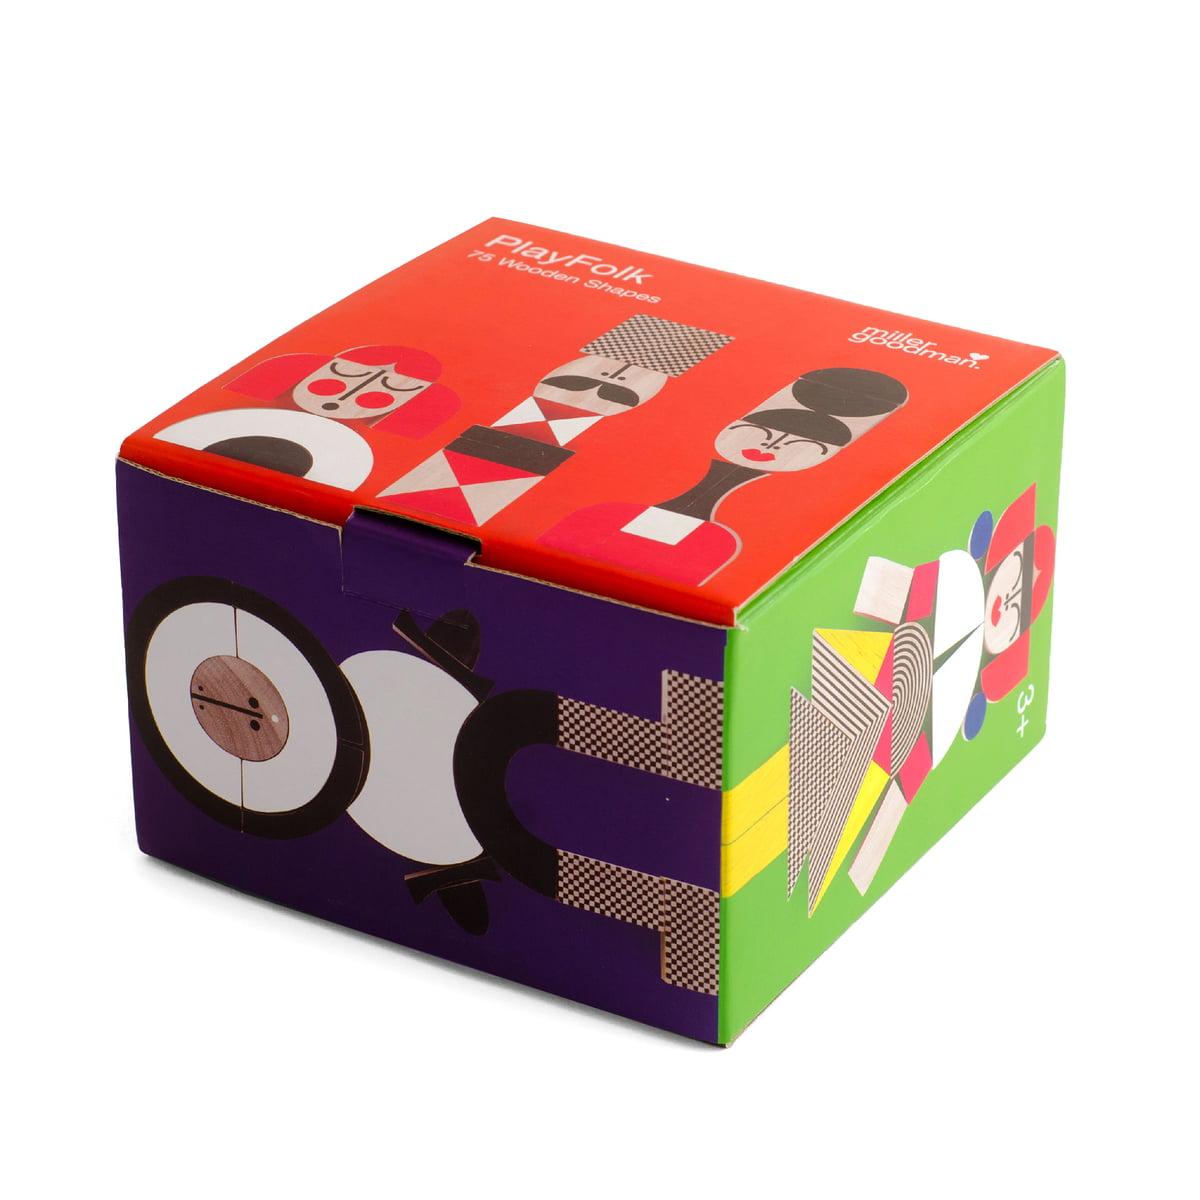 Miller Goodman - PlayFolk Holzspielzeug | Kinderzimmer > Spielzeuge > Holzspielzeuge | Miller Goodman